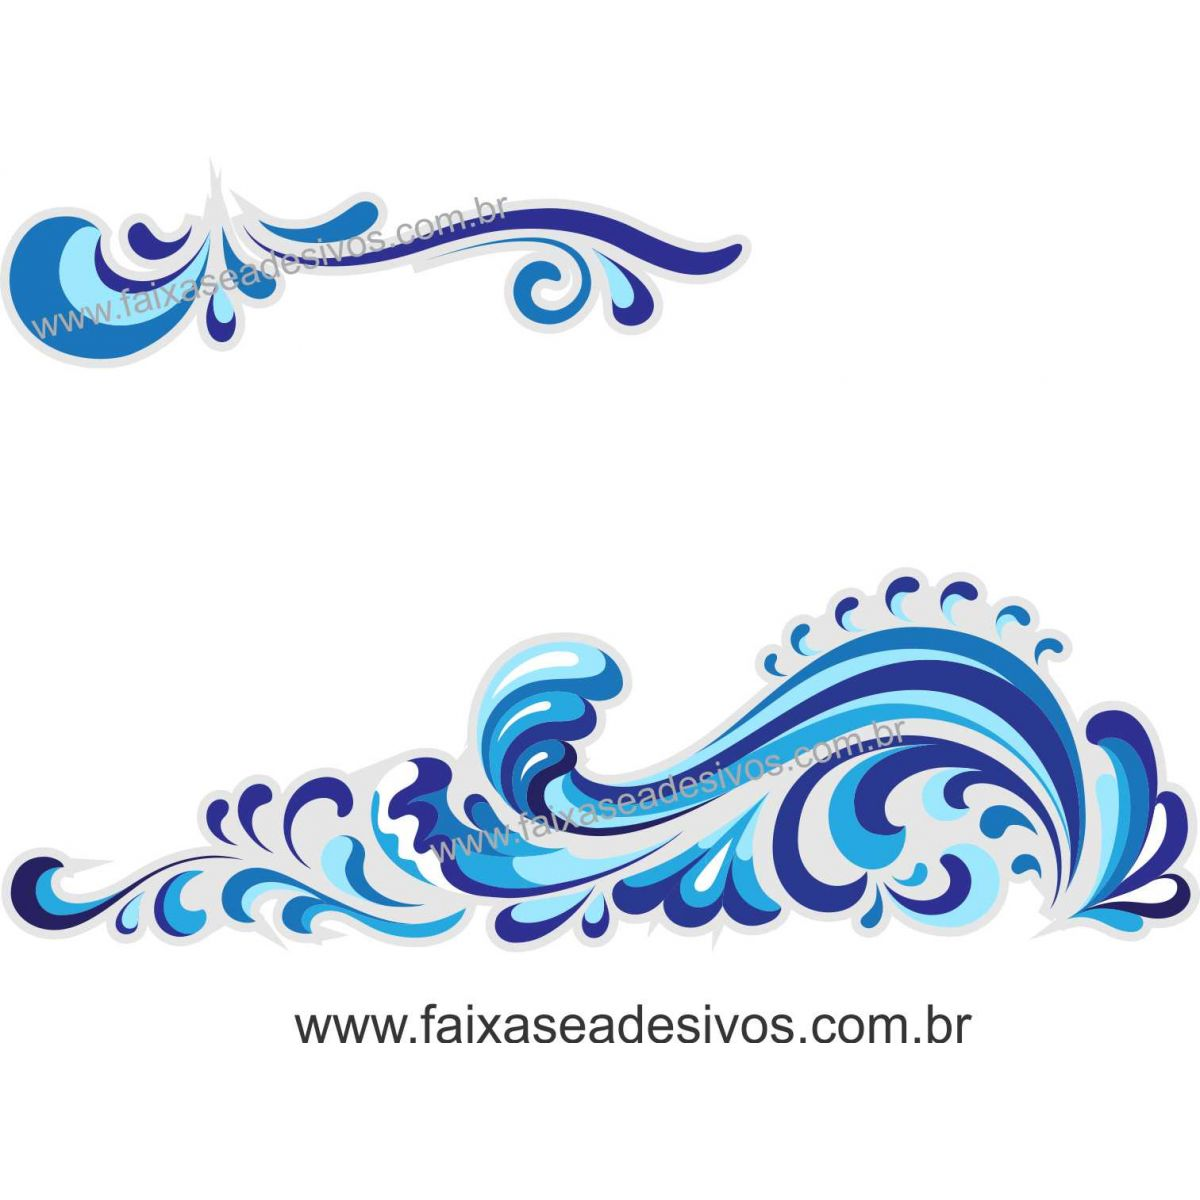 A711 - Dia das Crianças - Adesivo Náutico barrado água do mar  - FAC Signs Impressão Digital